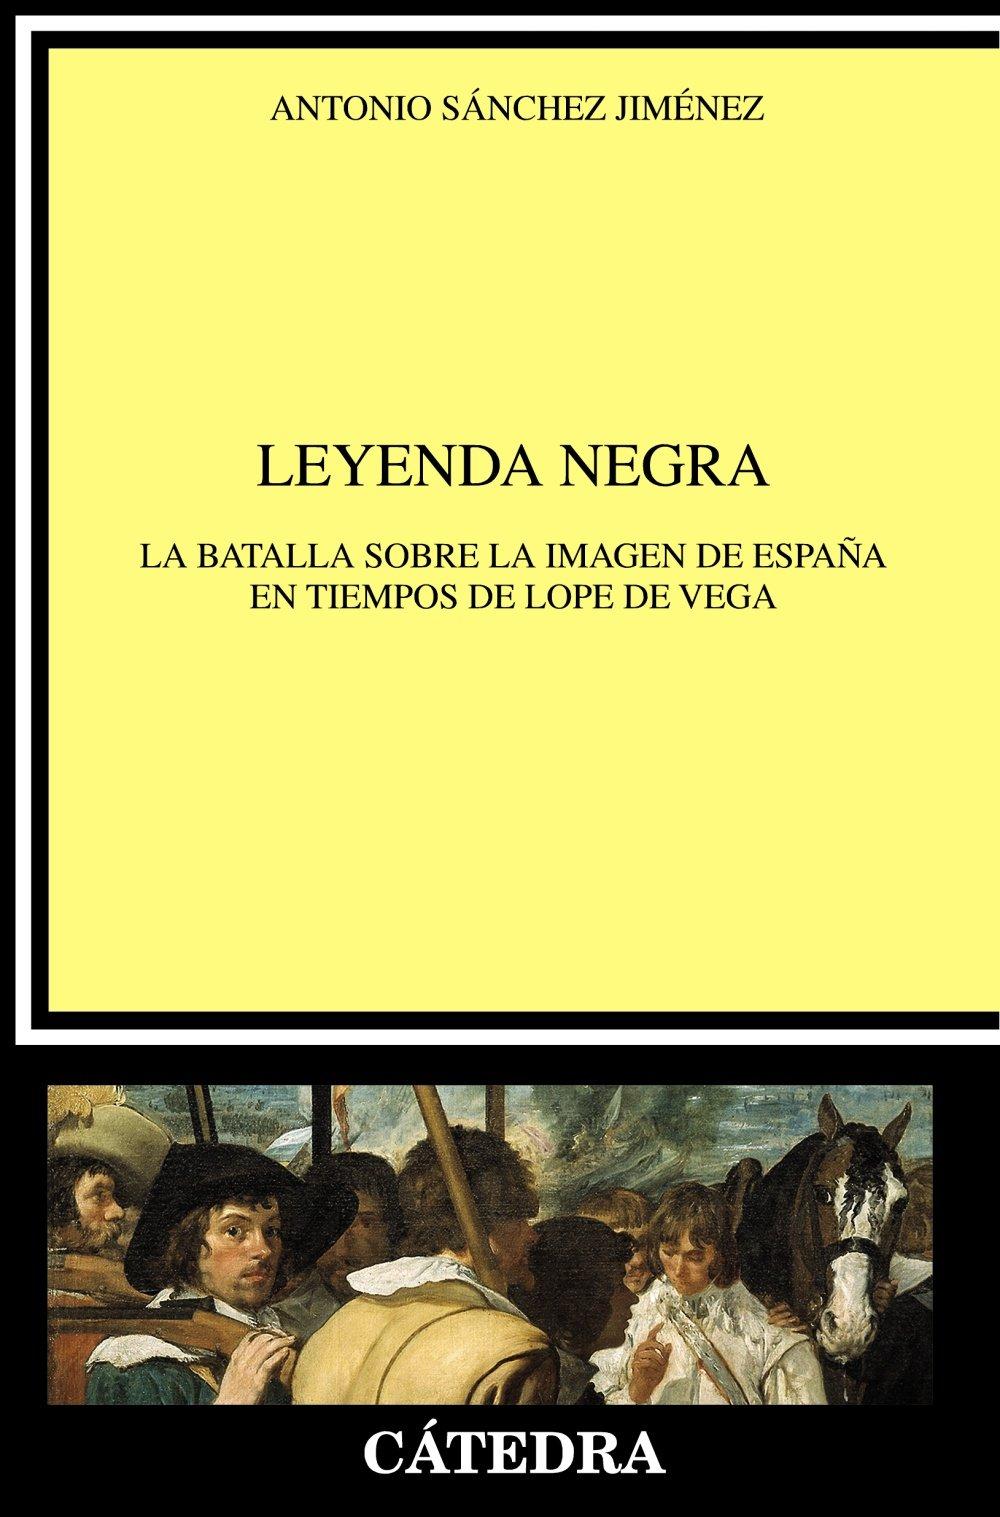 Leyenda negra: La batalla sobre la imagen de España en tiempos de Lope de Vega Crítica y estudios literarios: Amazon.es: Sánchez Jiménez, Antonio: Libros